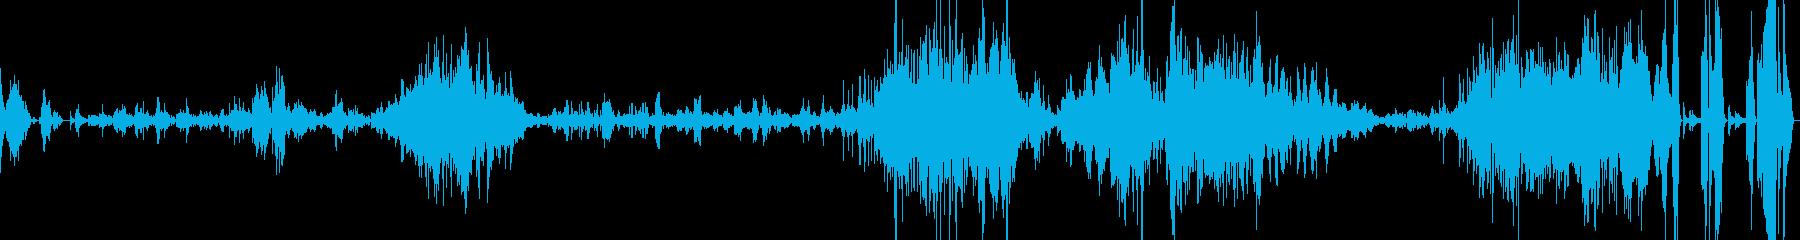 ショパンのバラードOp23の再生済みの波形